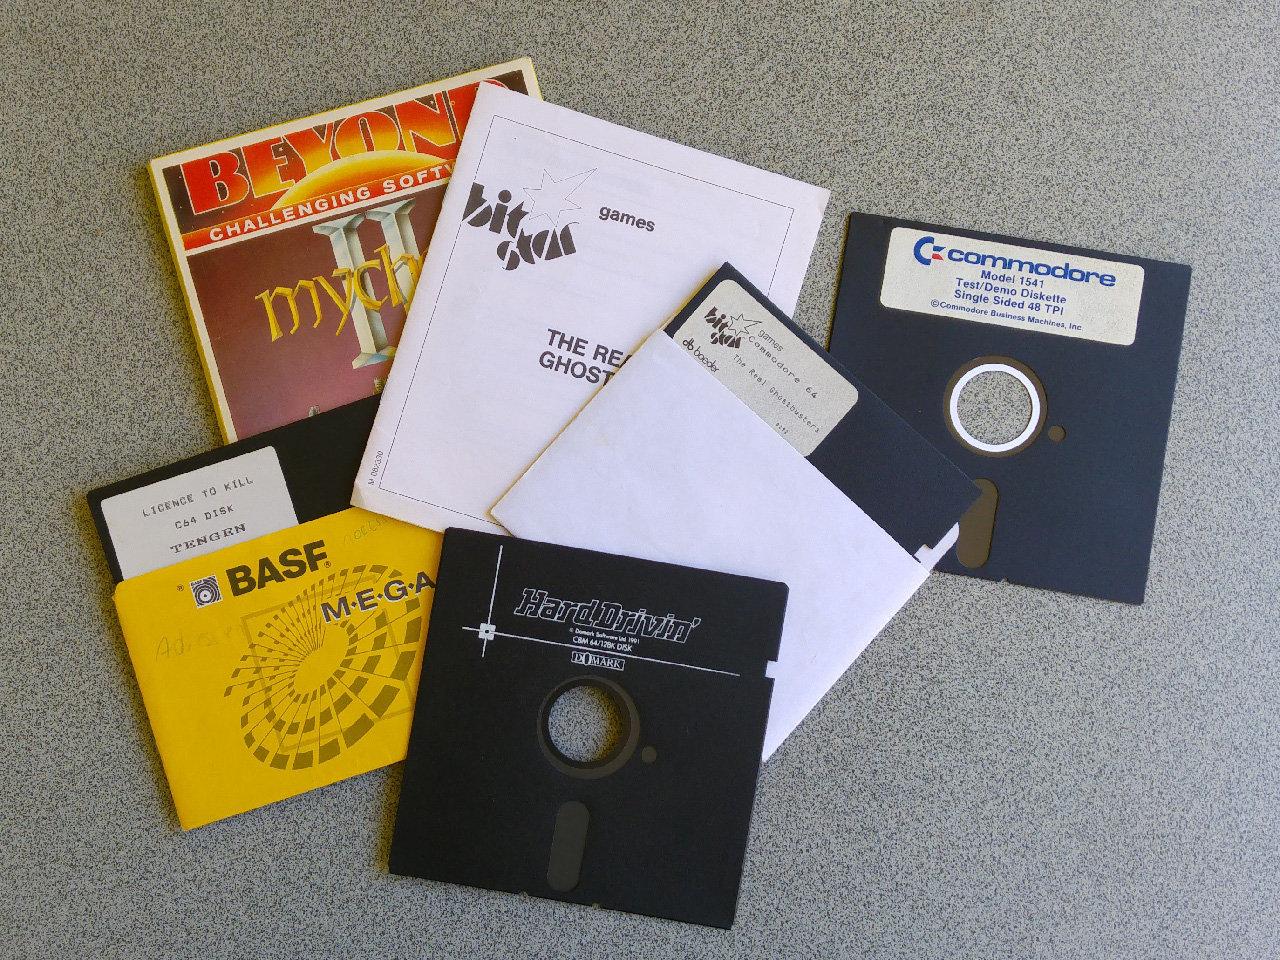 Die schlabbrigen 5 ¼ Zoll Disketten fassten pro Seite 664 Blocks (ca 166KB) und mussten manuell gewendet werden. War sie auf der rechten Seite ausgestanzt, war der Schreibschutz auf dieser Seite aufgehoben. (Bild: Leopold Brodecky)